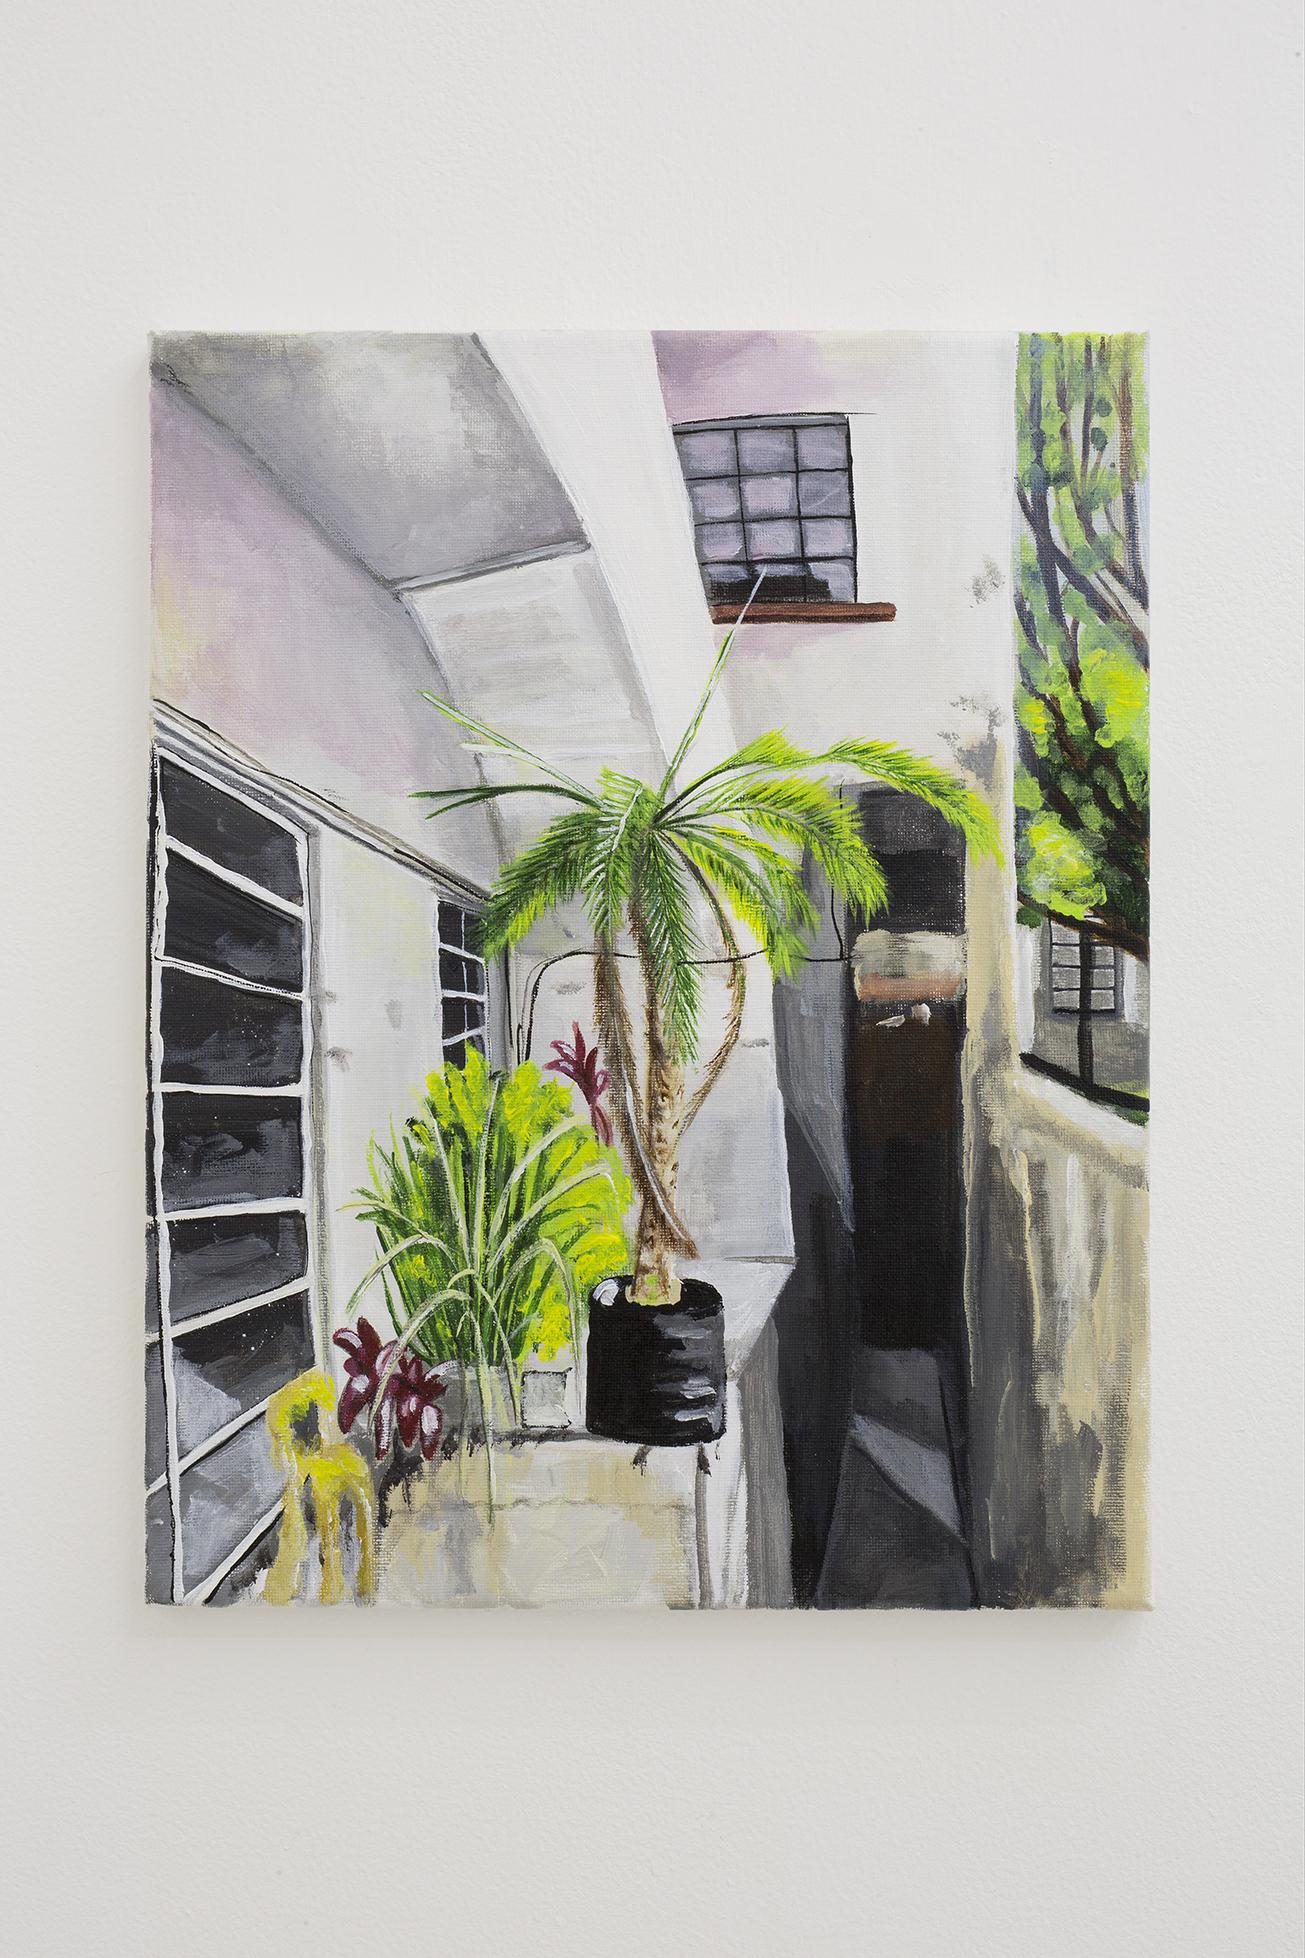 Shana Sharp, The Palm, 2018. Acrylic on canvas.  11 x 14 inch (27.94 x 35.56 cm)